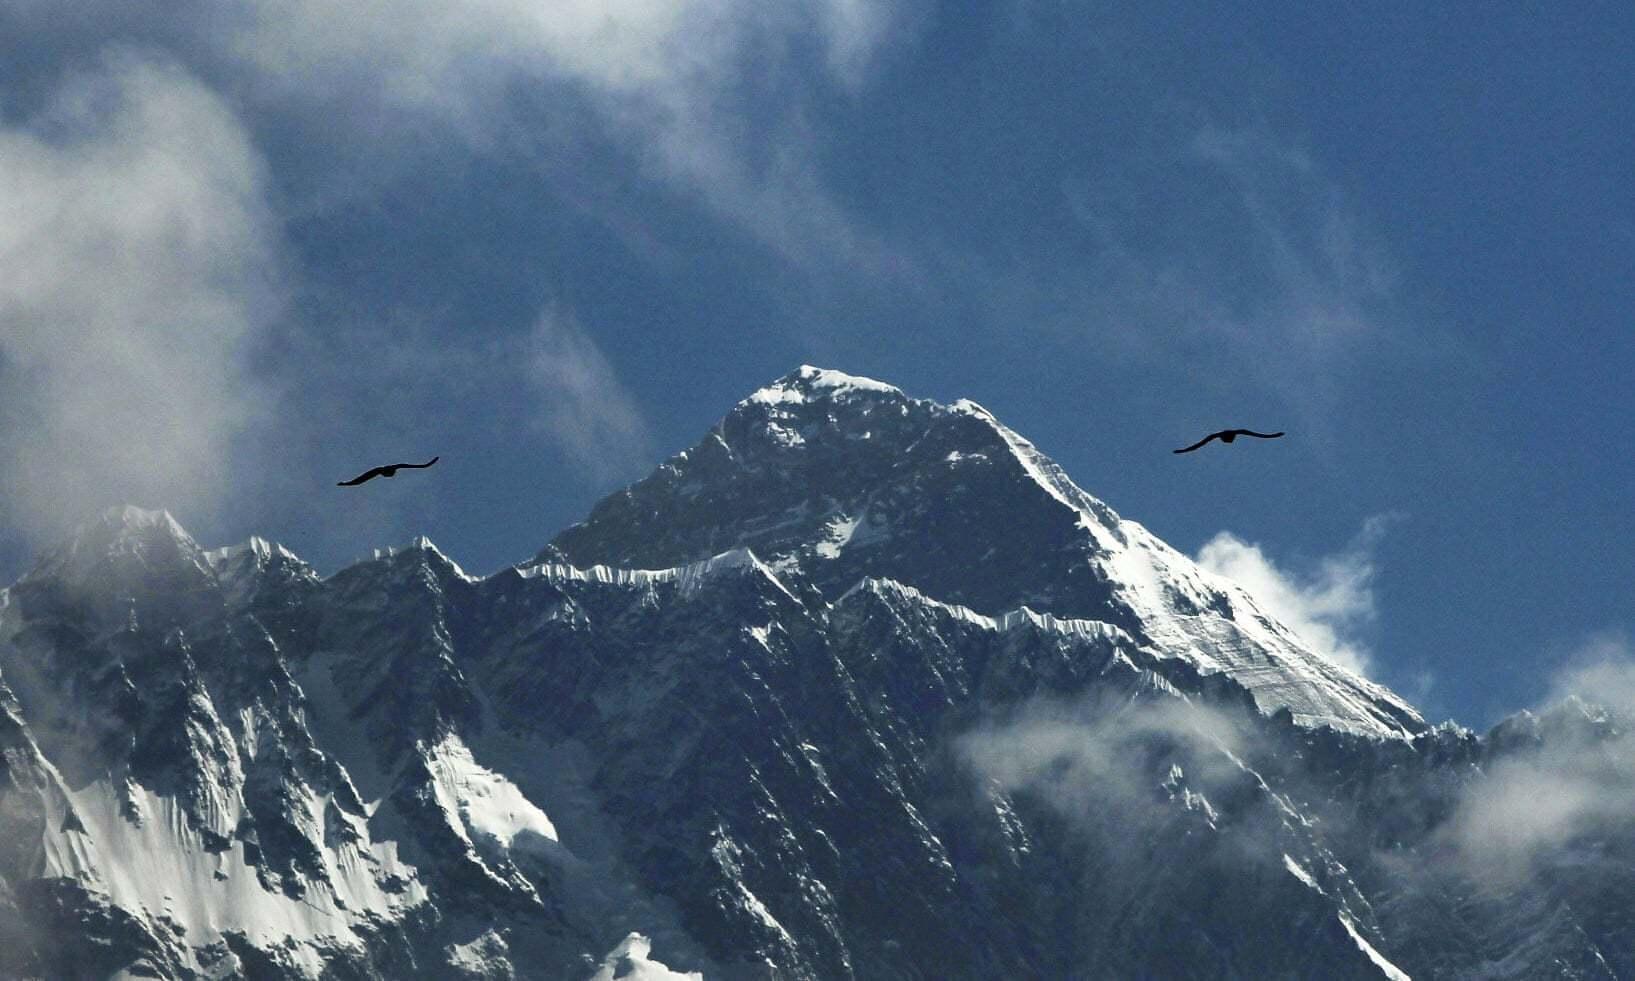 Everest,nhà leo núi,chinh phục,nóc nhà thế giới,đỉnh Everest,Himalaya,Nepal,tử vong,kinh hoàng,Sherpa,tắc nghẽn,quá tải